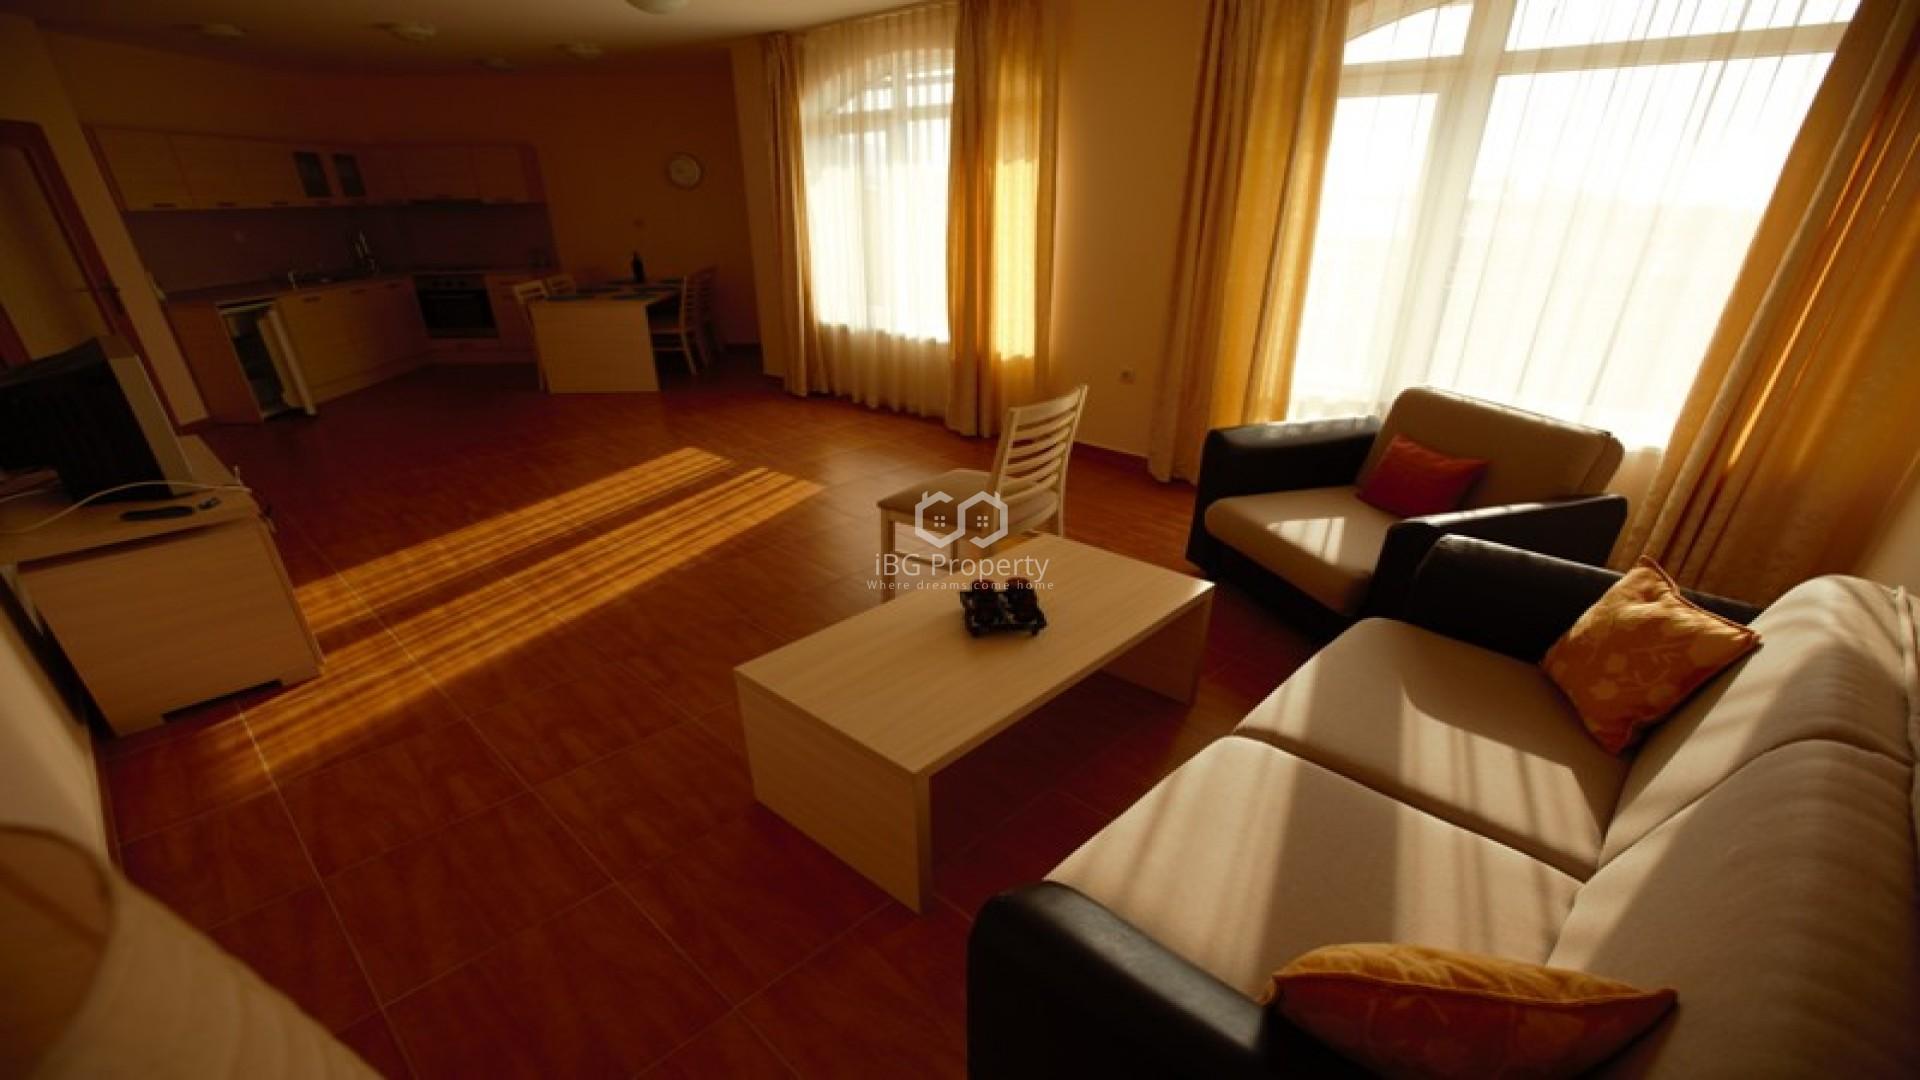 Многокомнатная квартира Свети Влас   142 m2